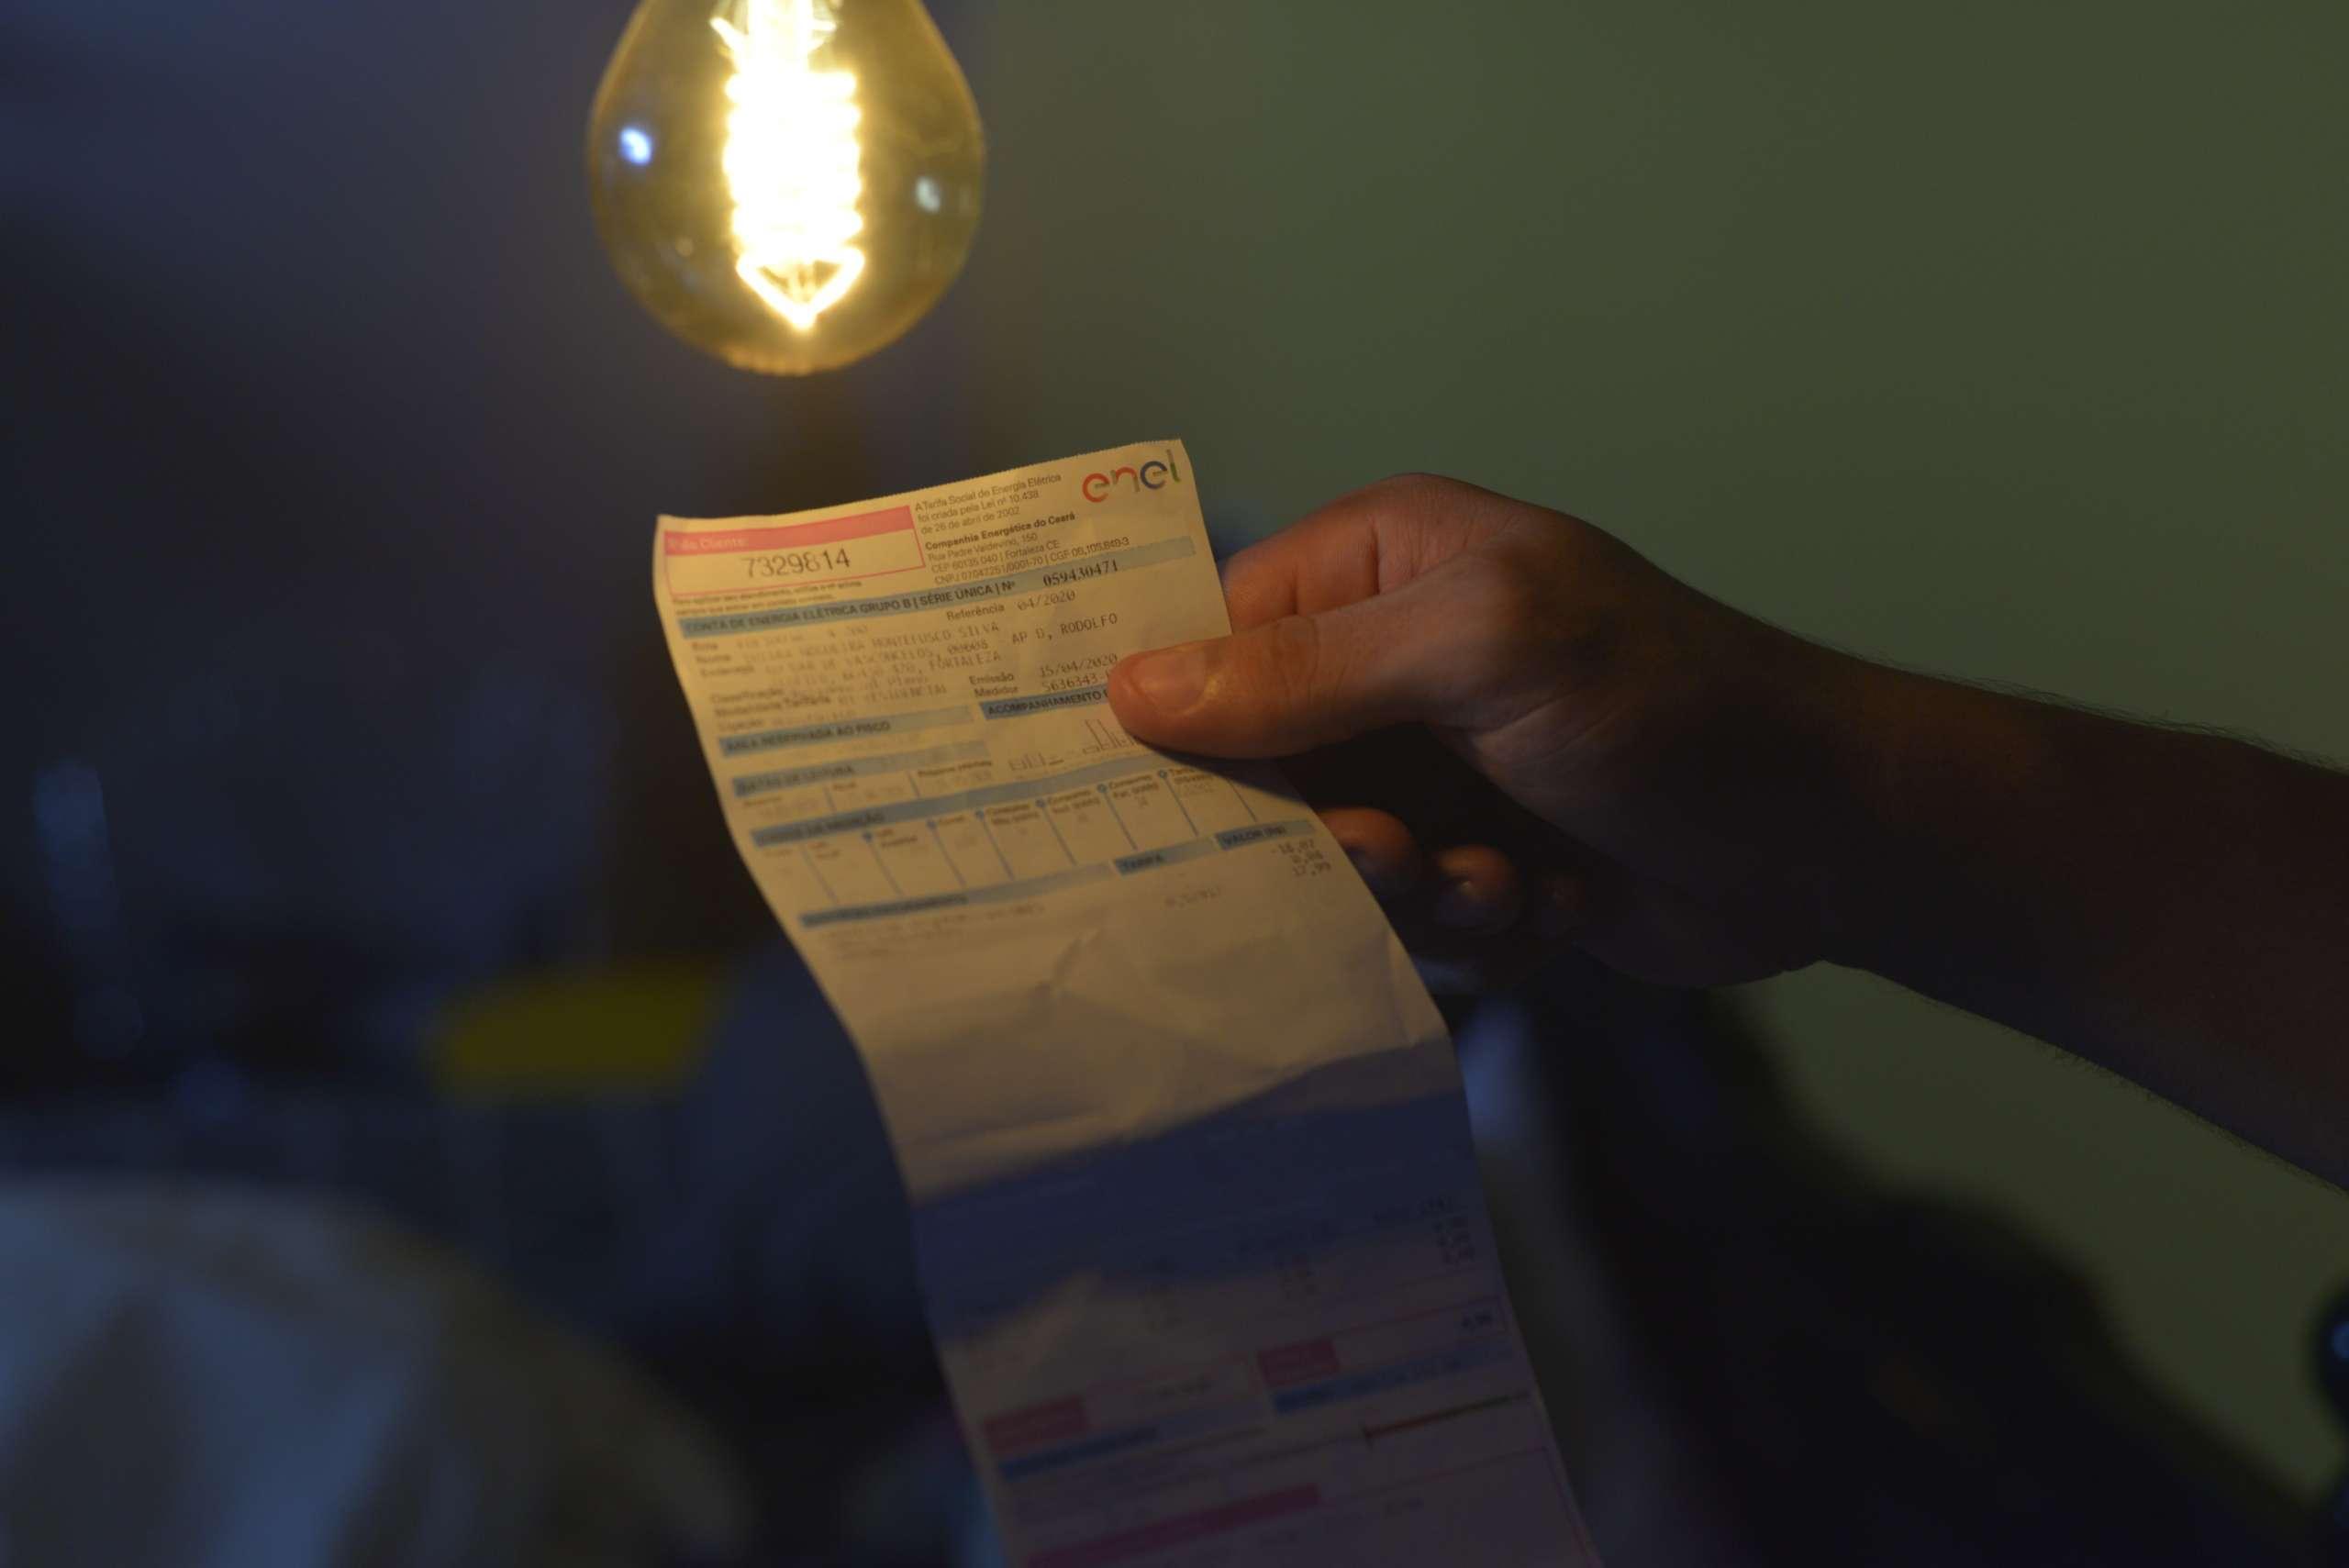 Brasil pode ter a energia mais cara do mundo no fim do ano, diz instituto